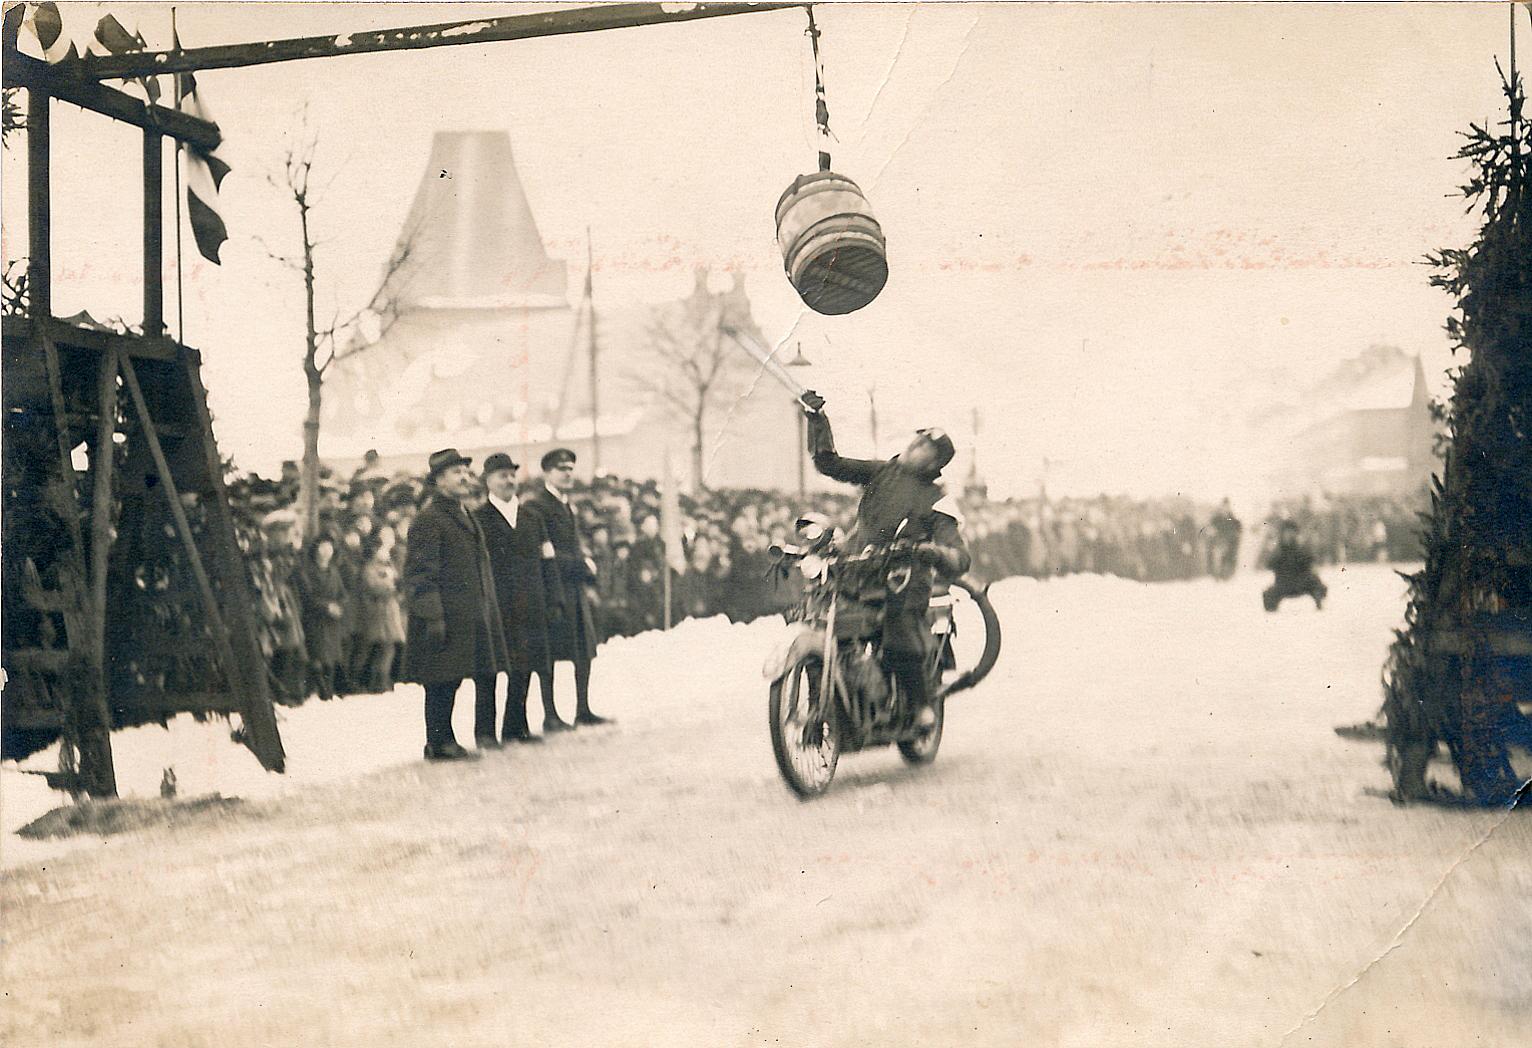 1924.03.02. Tøndeslagning Sven Egdø, Aarhus Motor Klub (1)